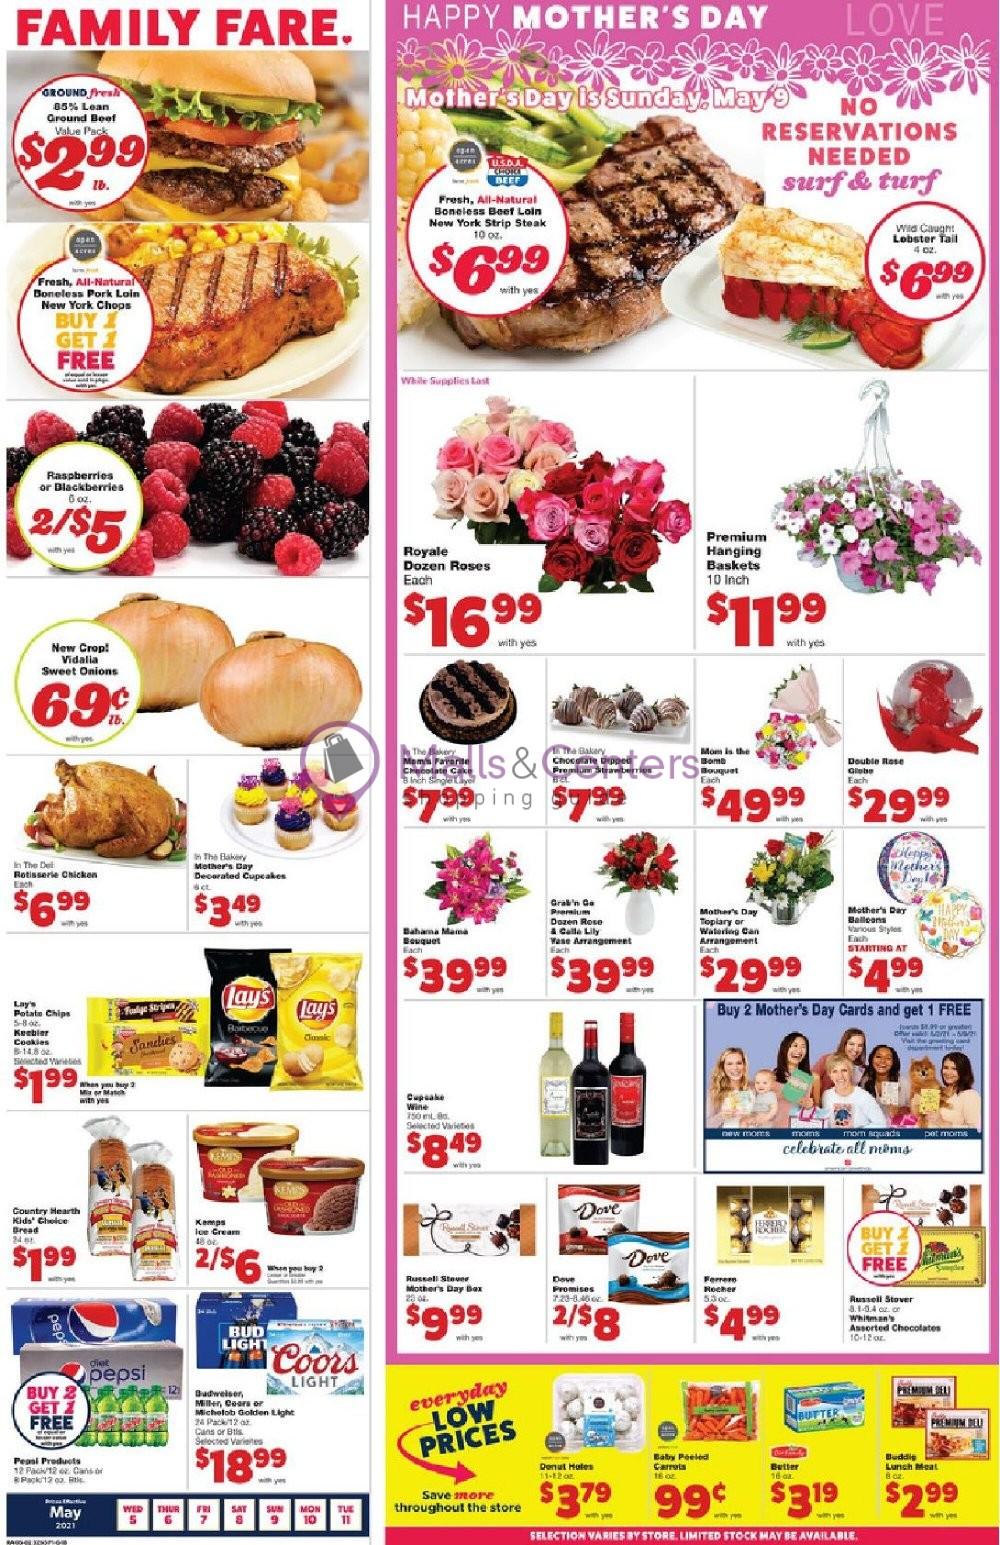 weekly ad Family Fare - page 1 - mallscenters.com